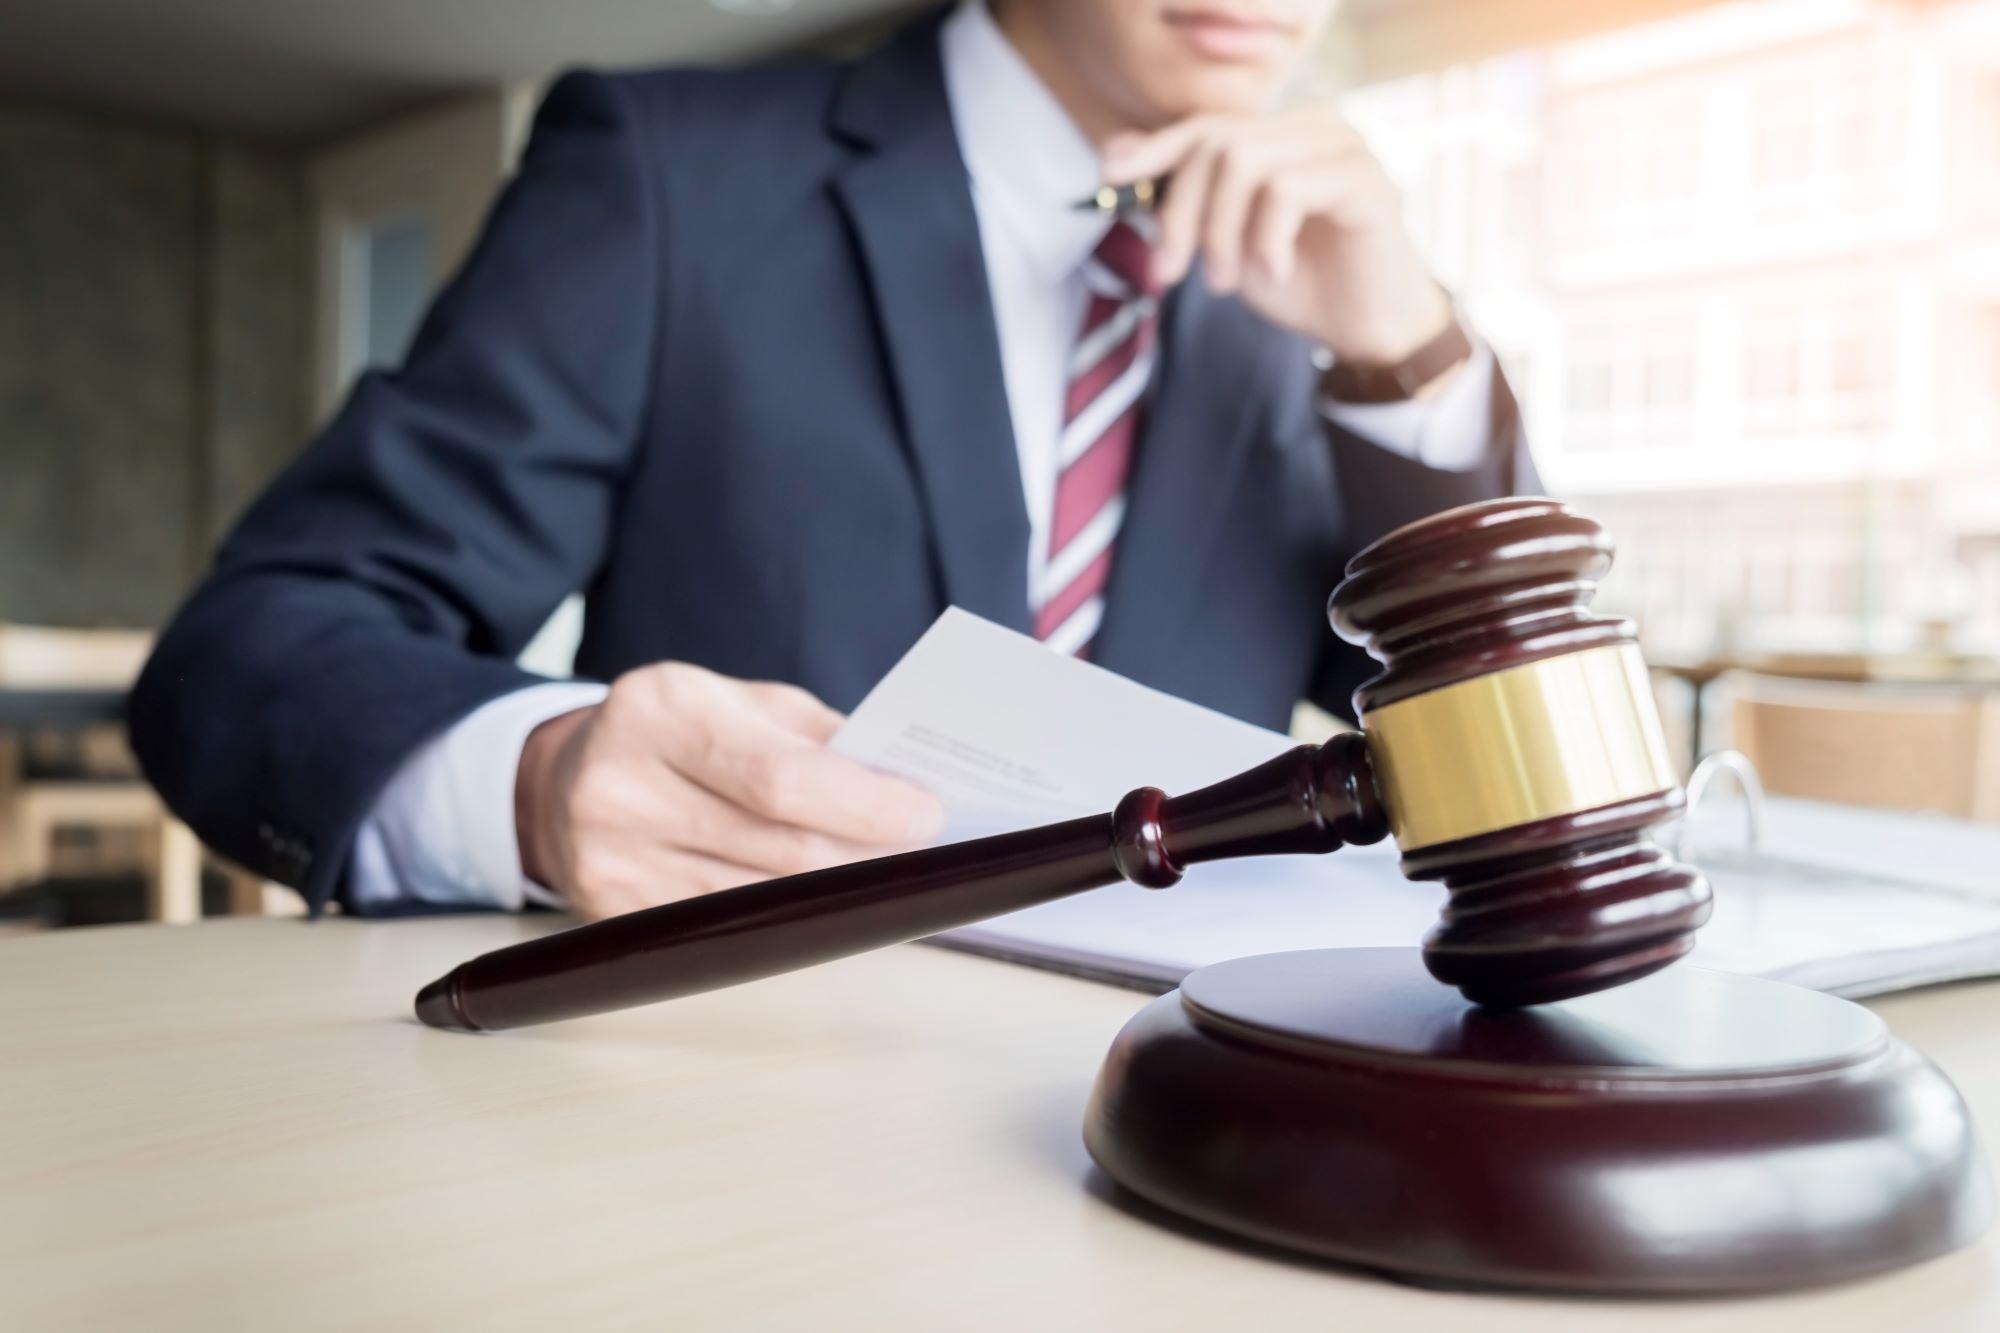 Hukuki Davalarda Avukatın Rolü ve Önemi